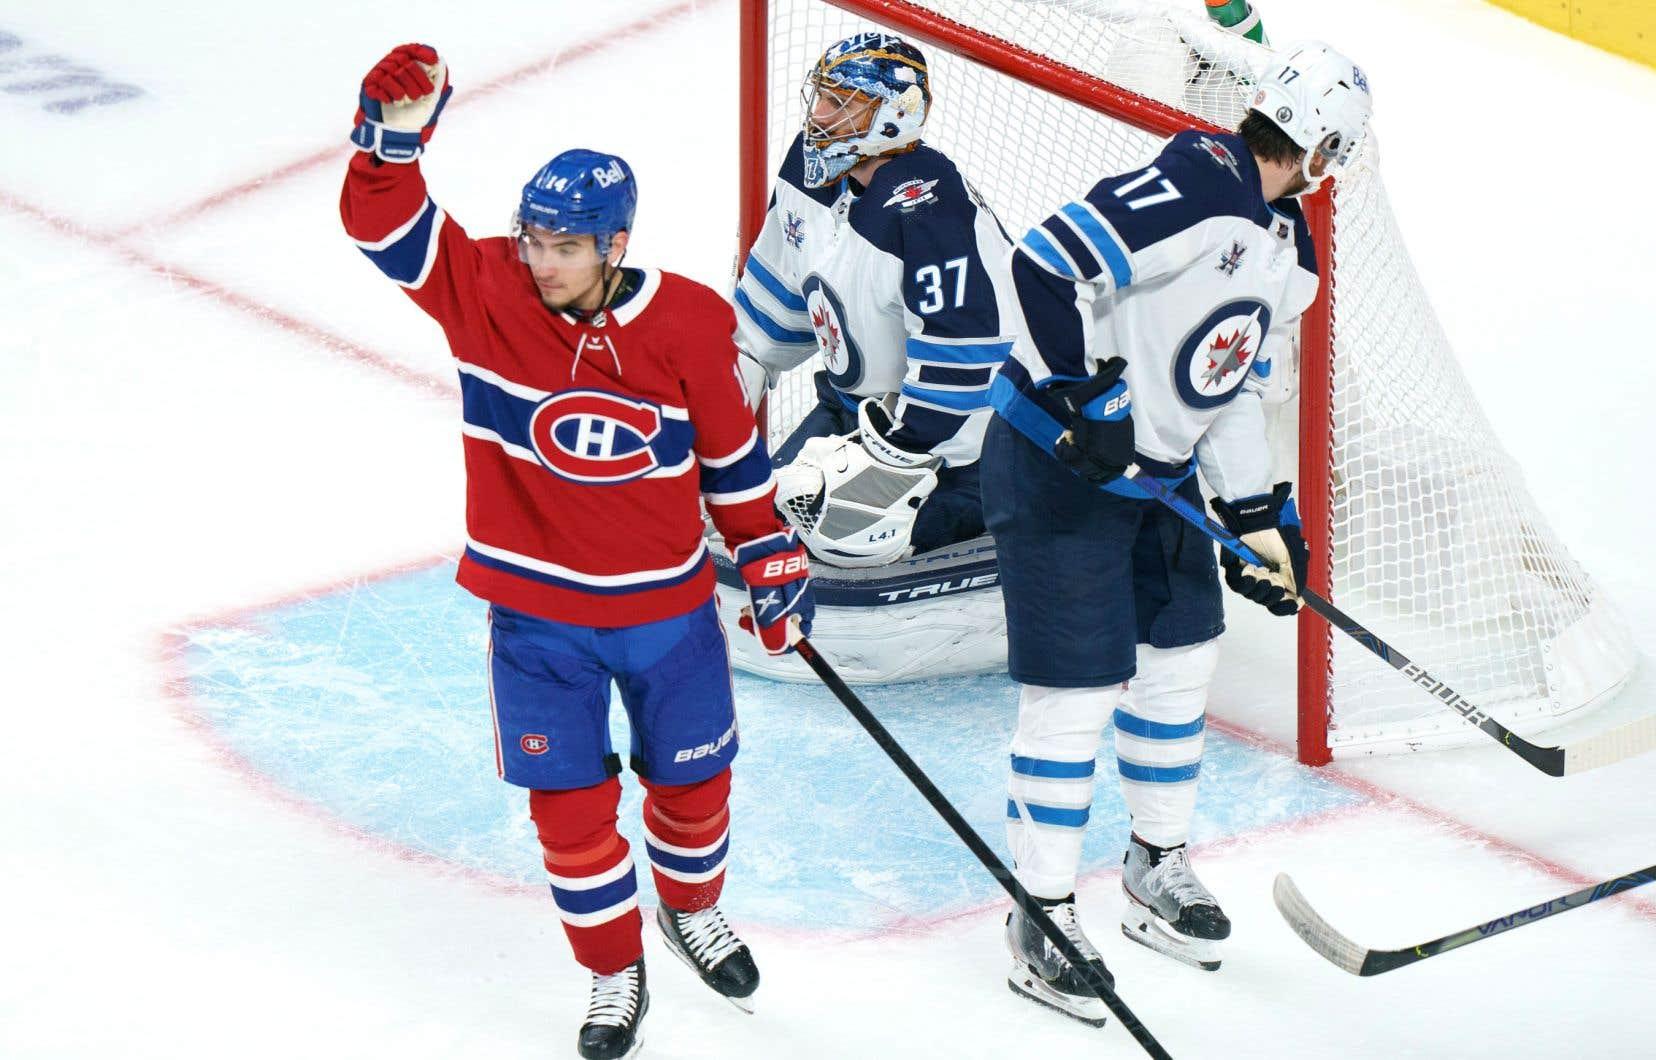 Nick Suzuki des Canadiens de Montréal célèbre son but contre le gardien des Jets de Winnipeg, Connor Hellebuyck, lors de la troisième période des éliminatoires de la Coupe Stanley de la LNH à Montréal, dimanche dernier.